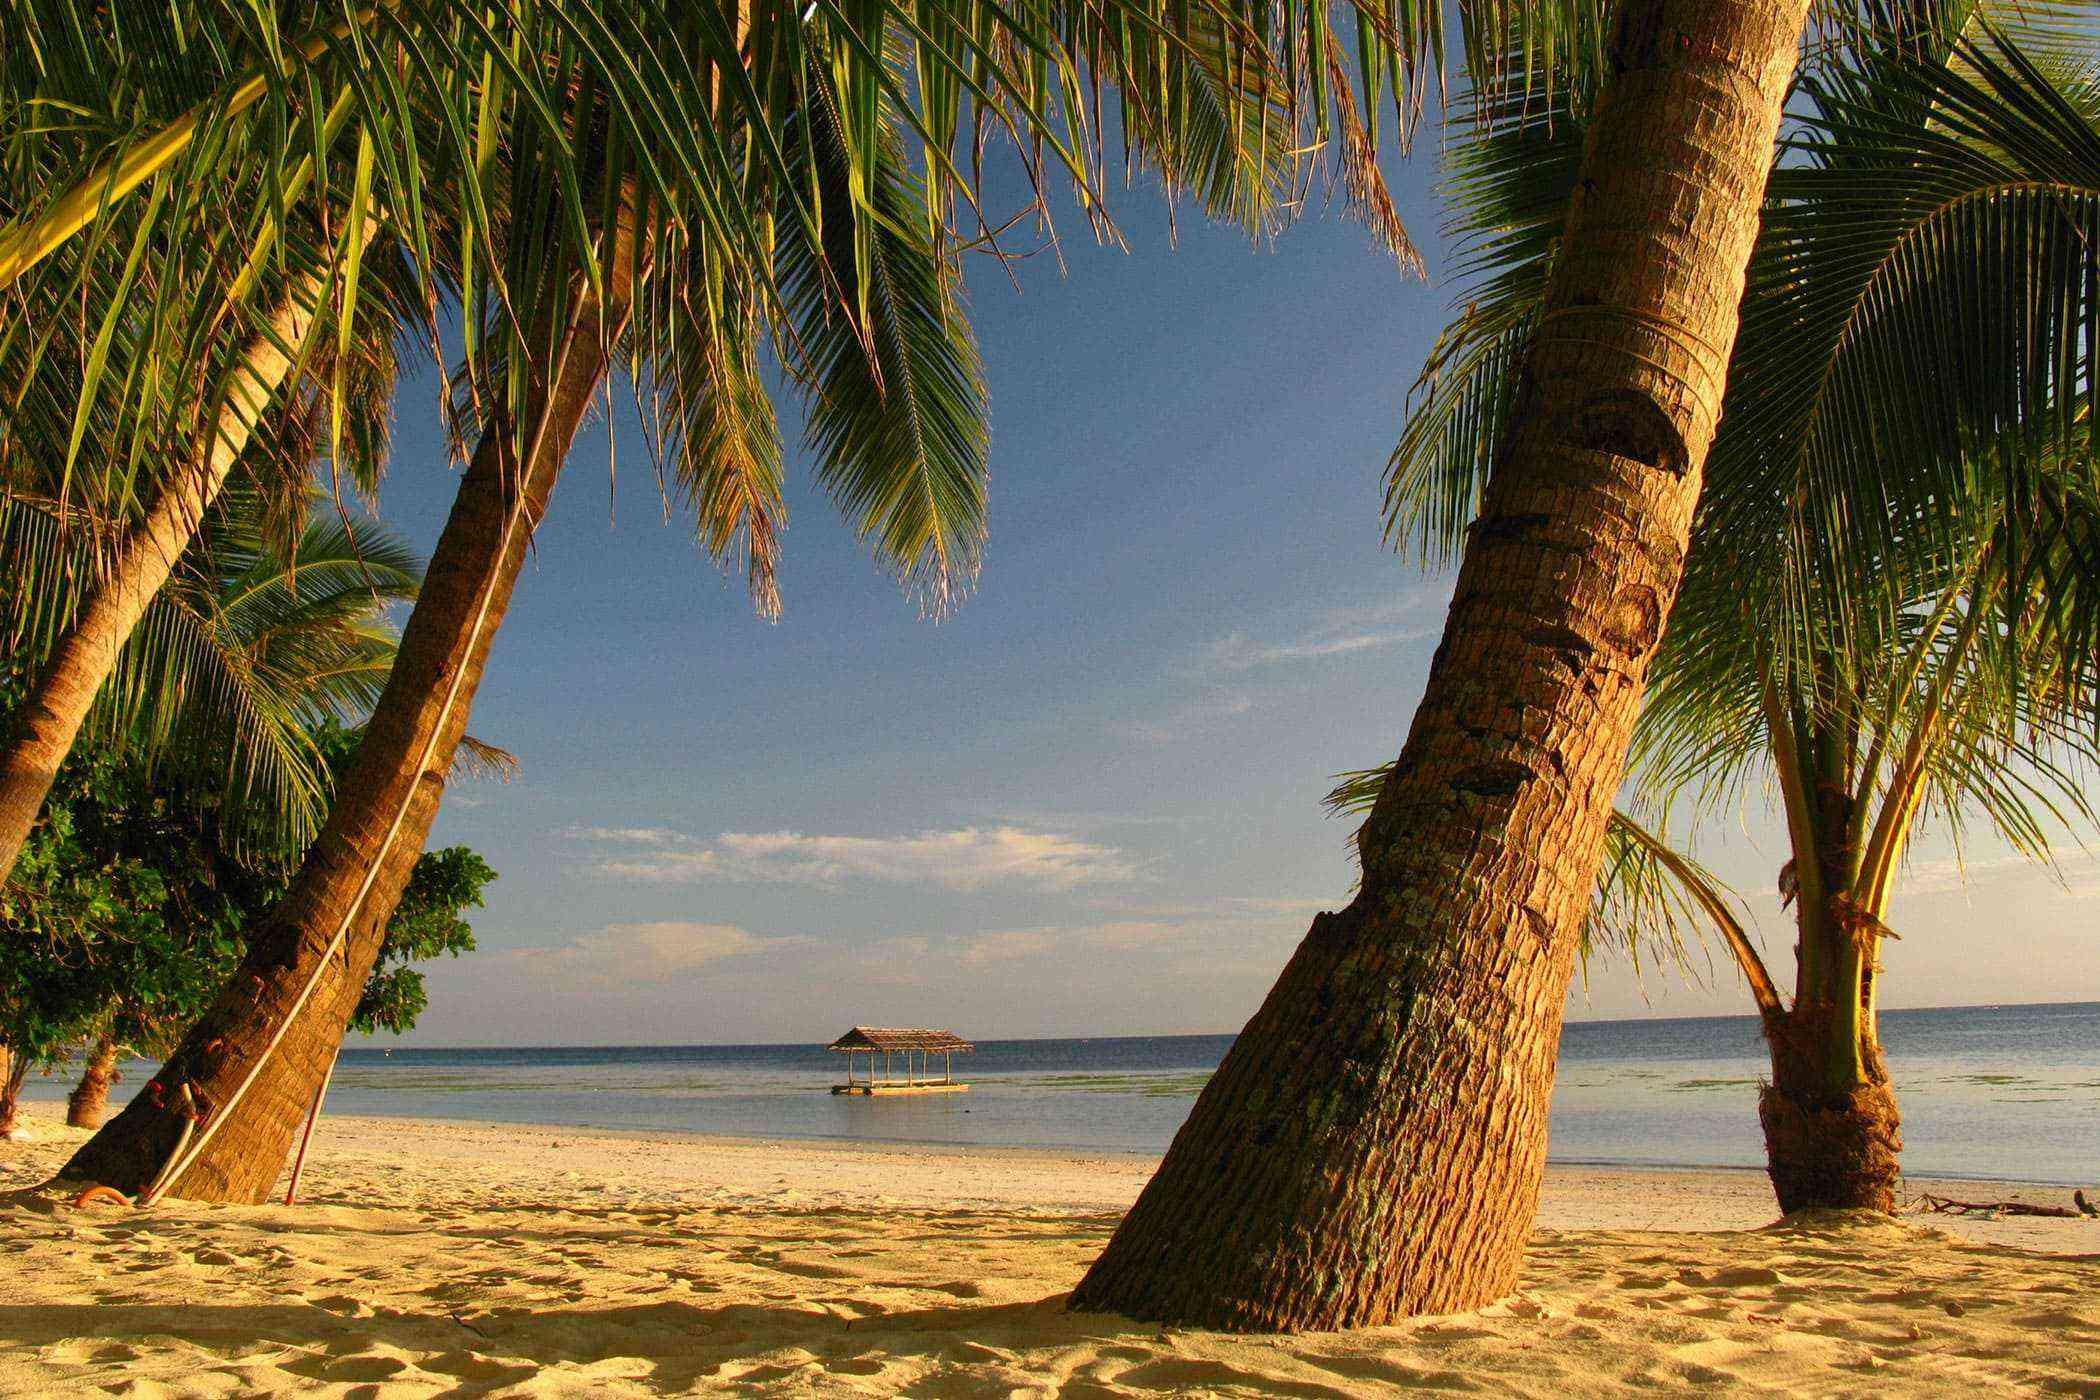 Natural-Philippines-Siquijor-Island